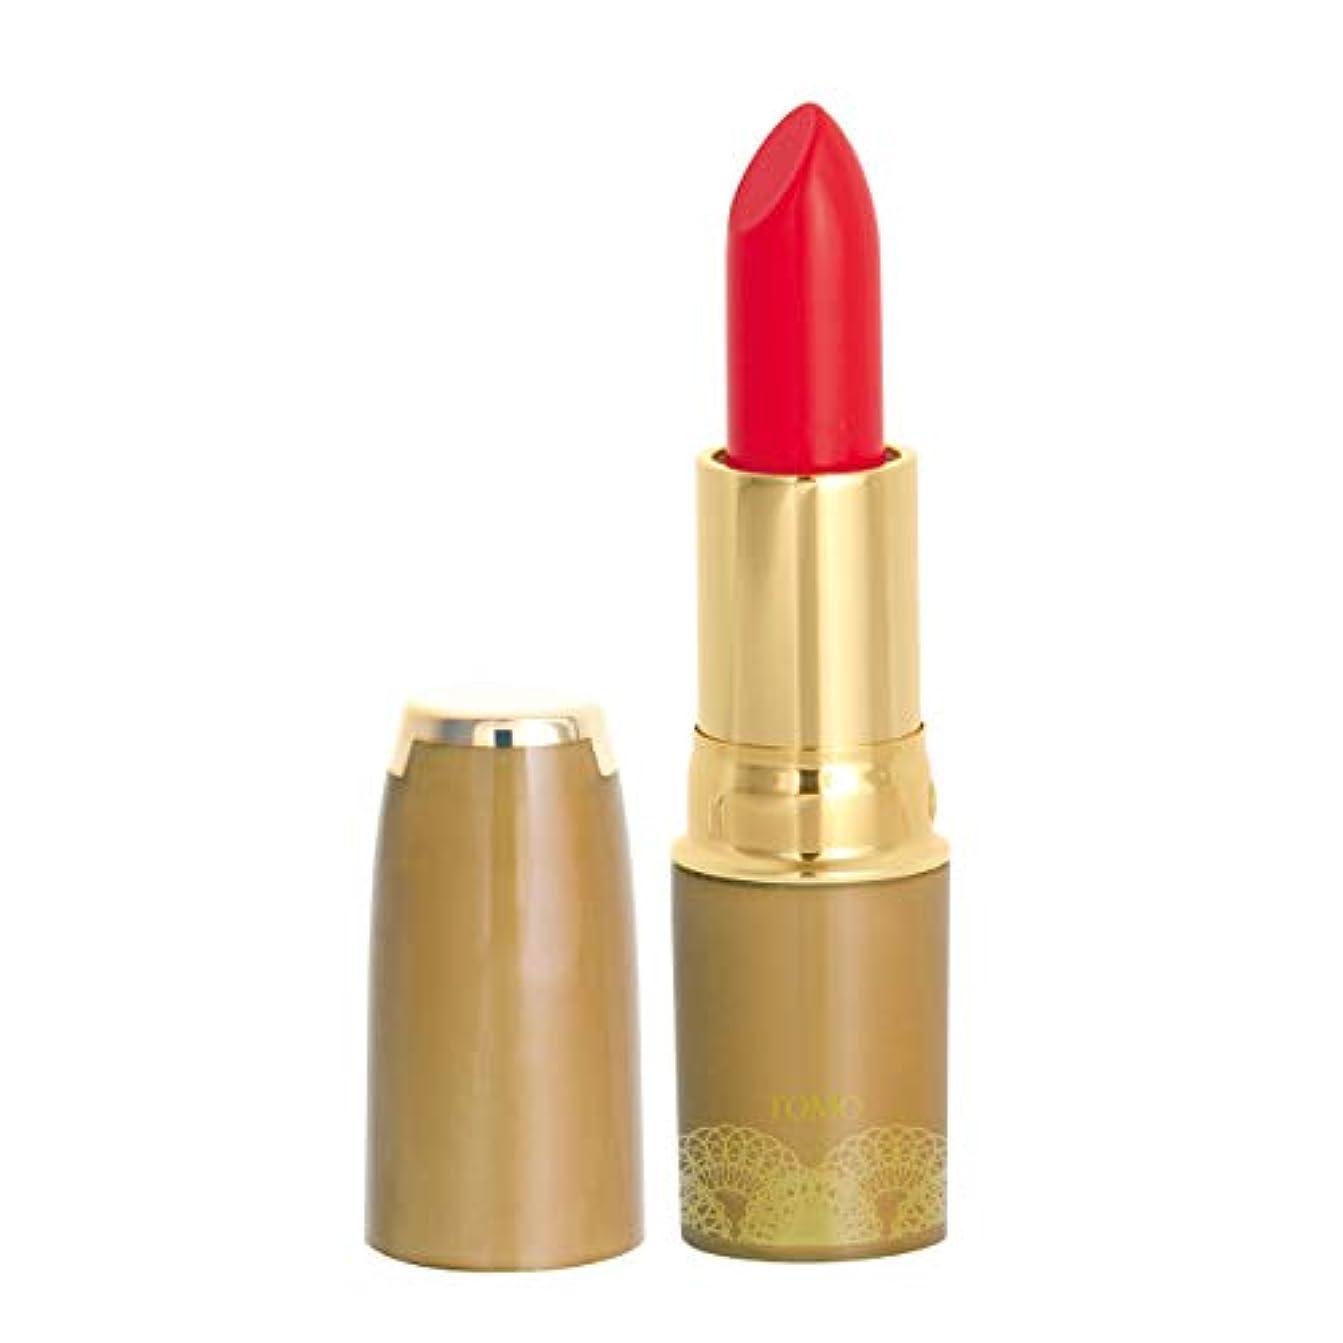 作曲家偏差ブランド名安心 安全 低刺激 食用色素からできた口紅 ナチュレリップ LC-01 (ブライトレッド) 全6色